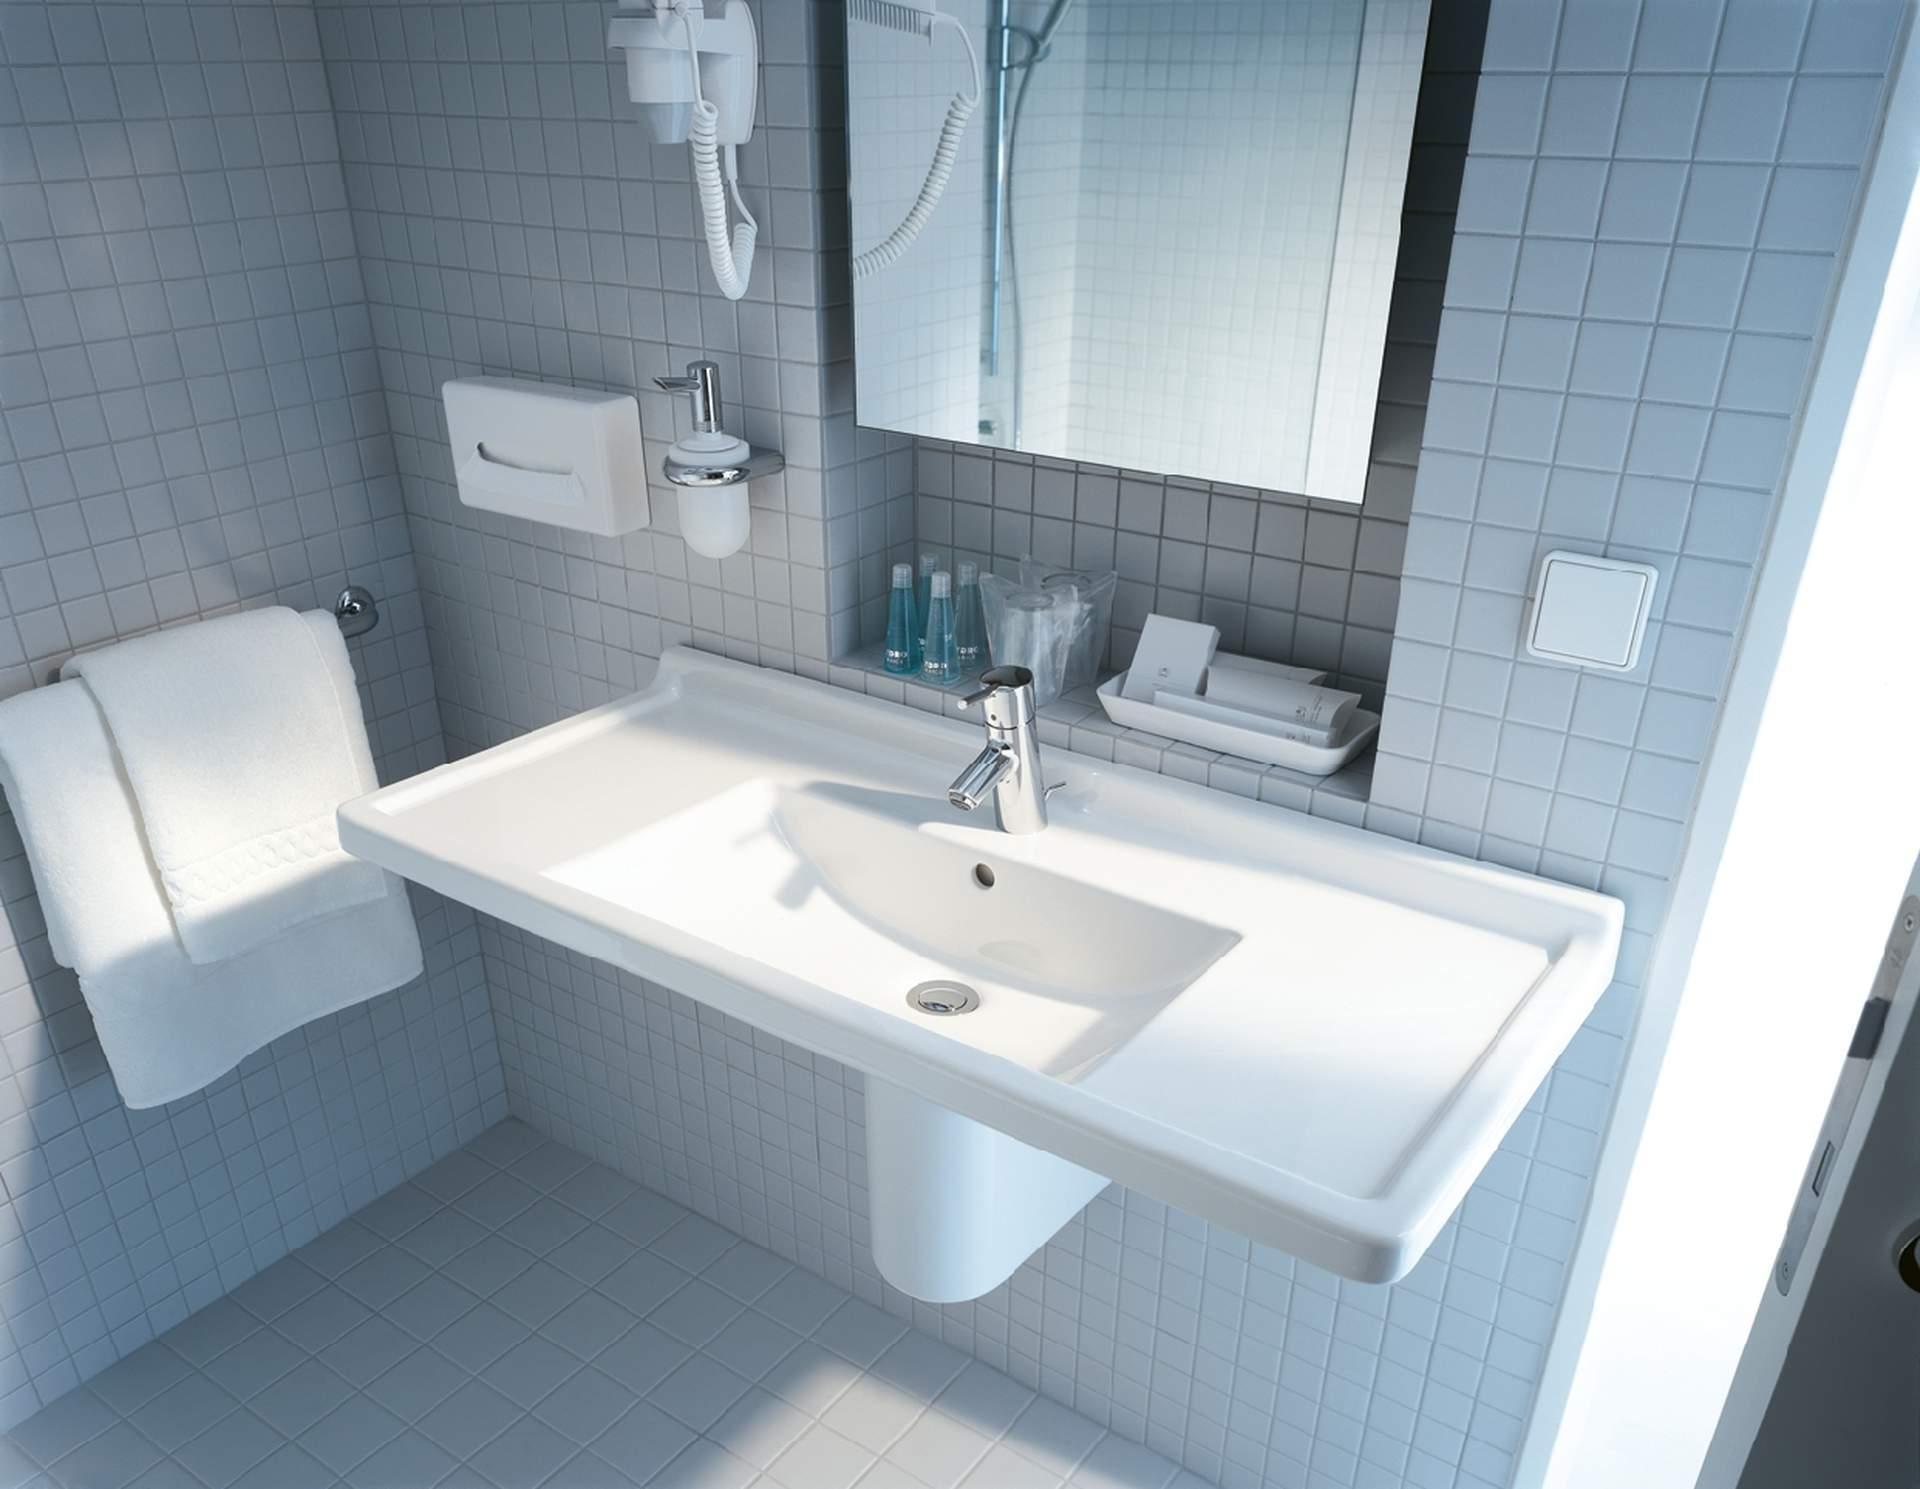 duravit starck quando l 39 estetica incontra l 39 igiene bagnolandia. Black Bedroom Furniture Sets. Home Design Ideas